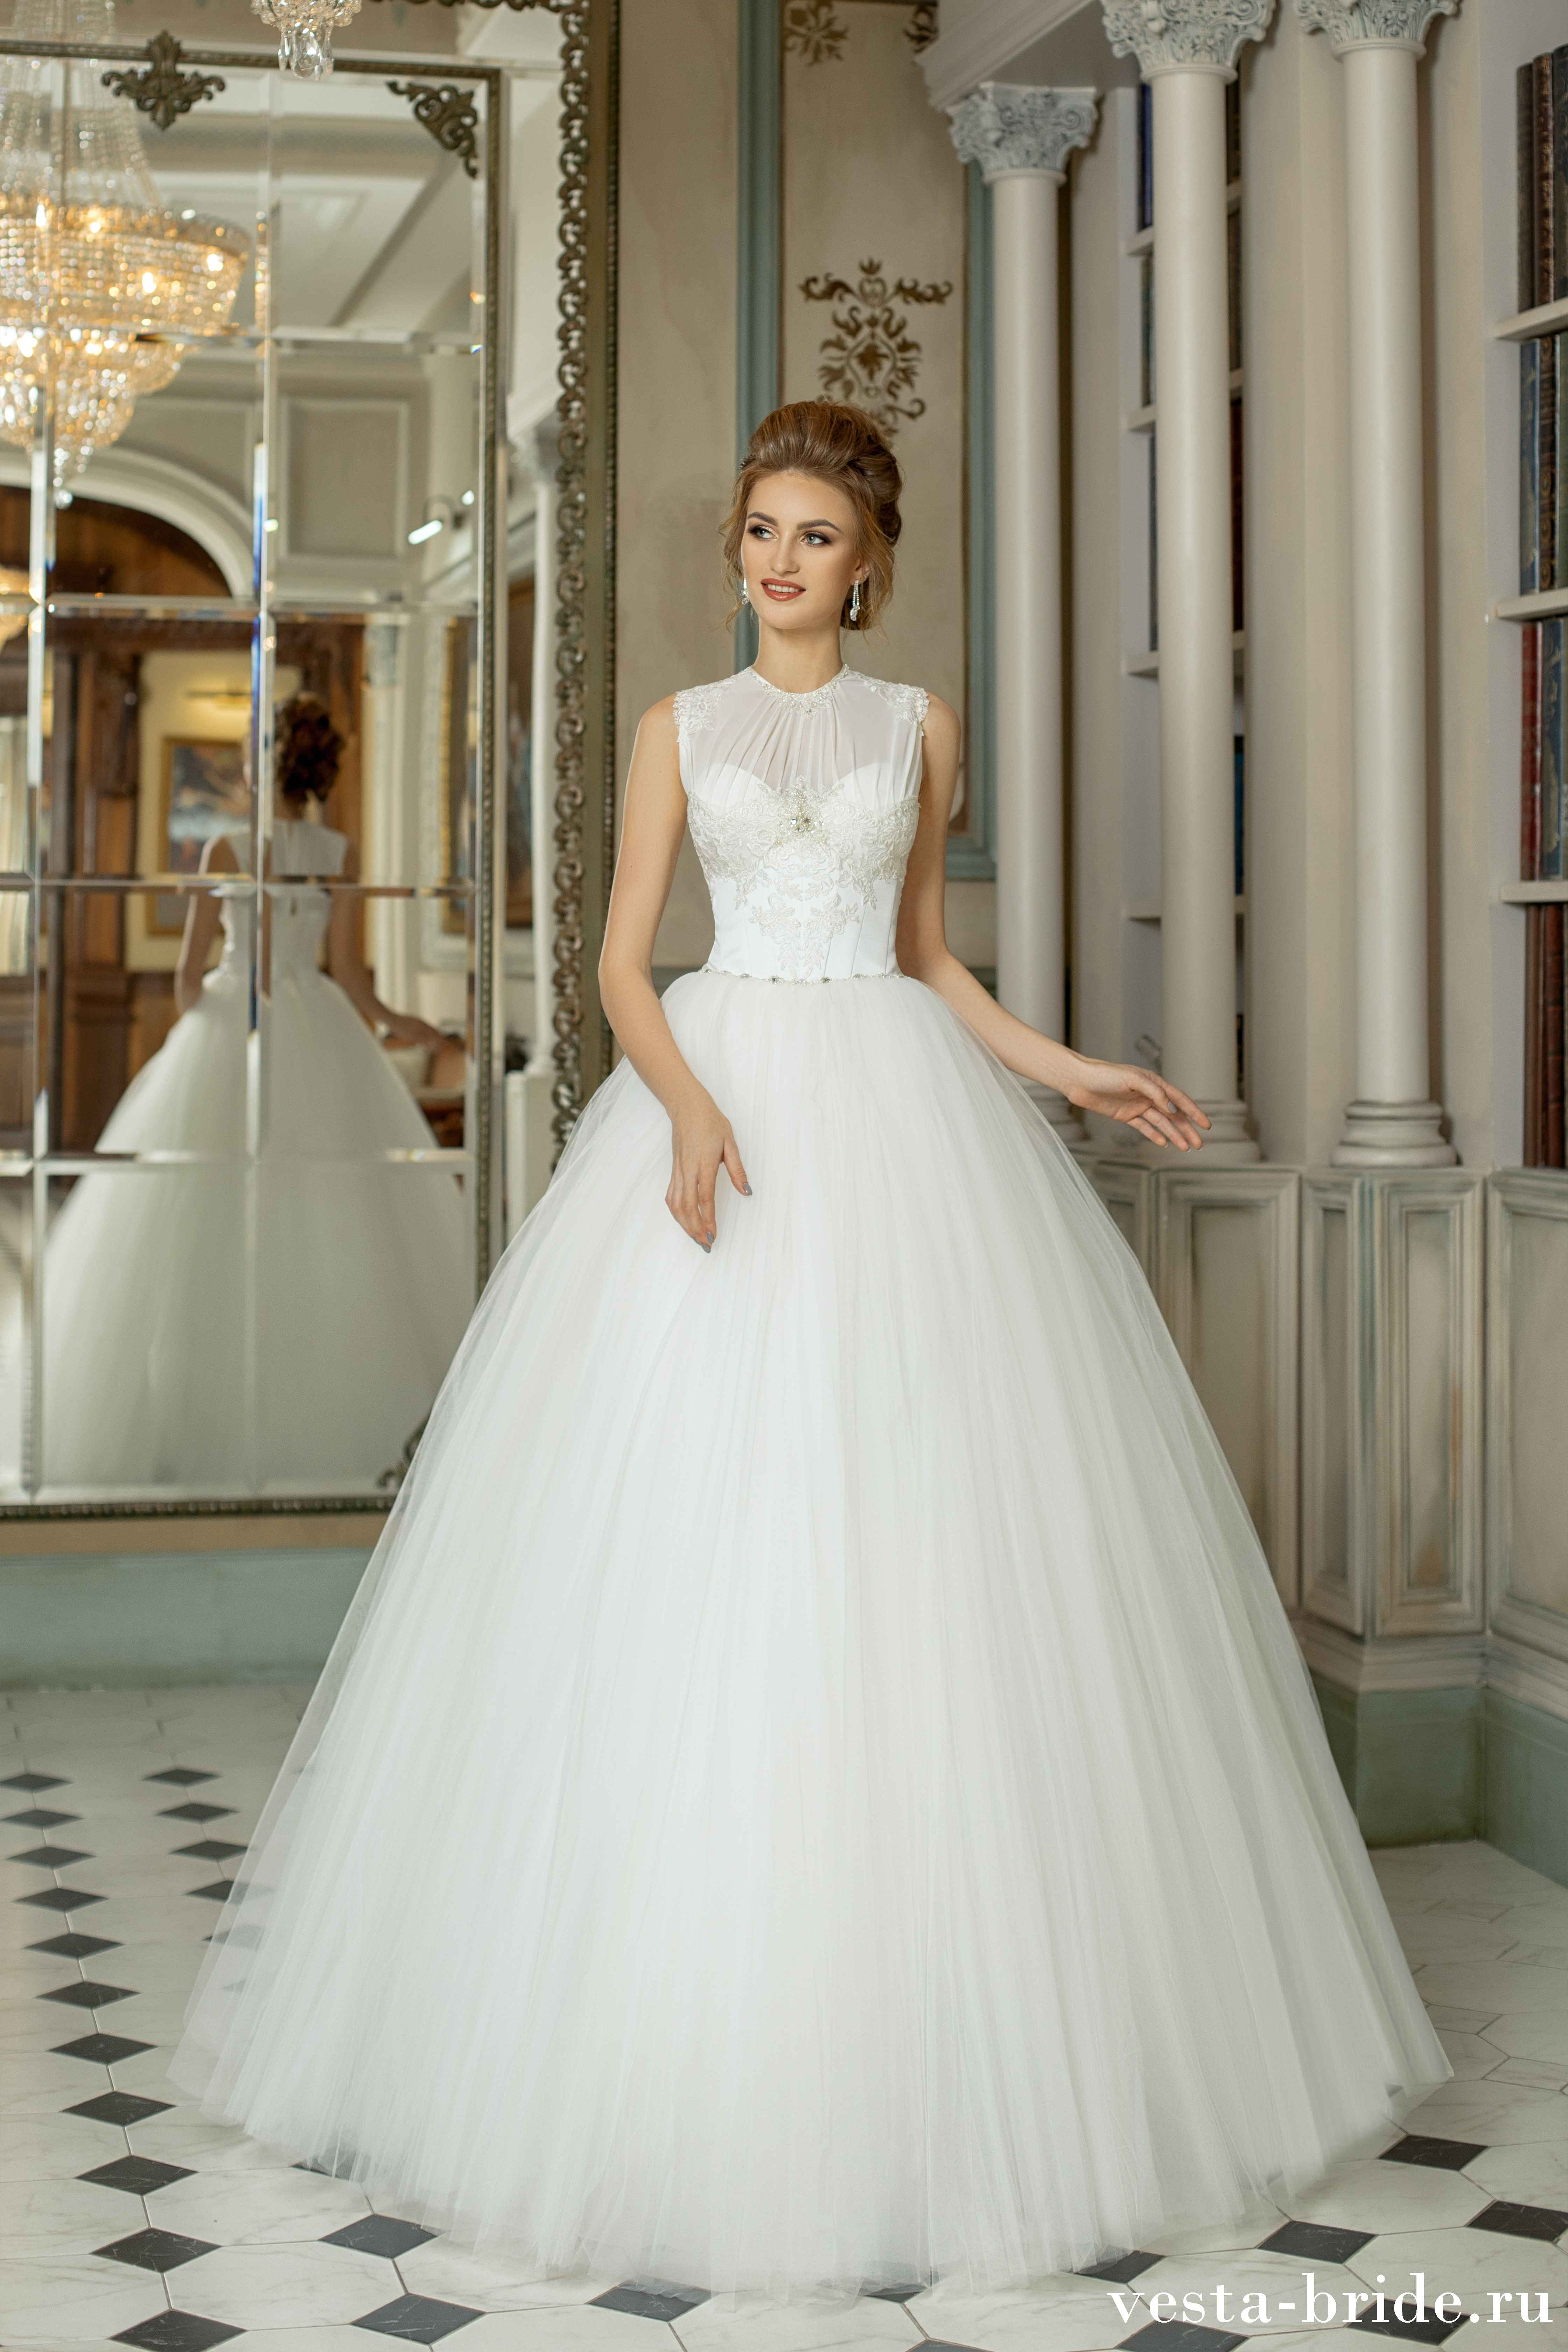 6eec86e1ca2 Красивые пышные свадебные платья в Санкт-Петербурге  фото